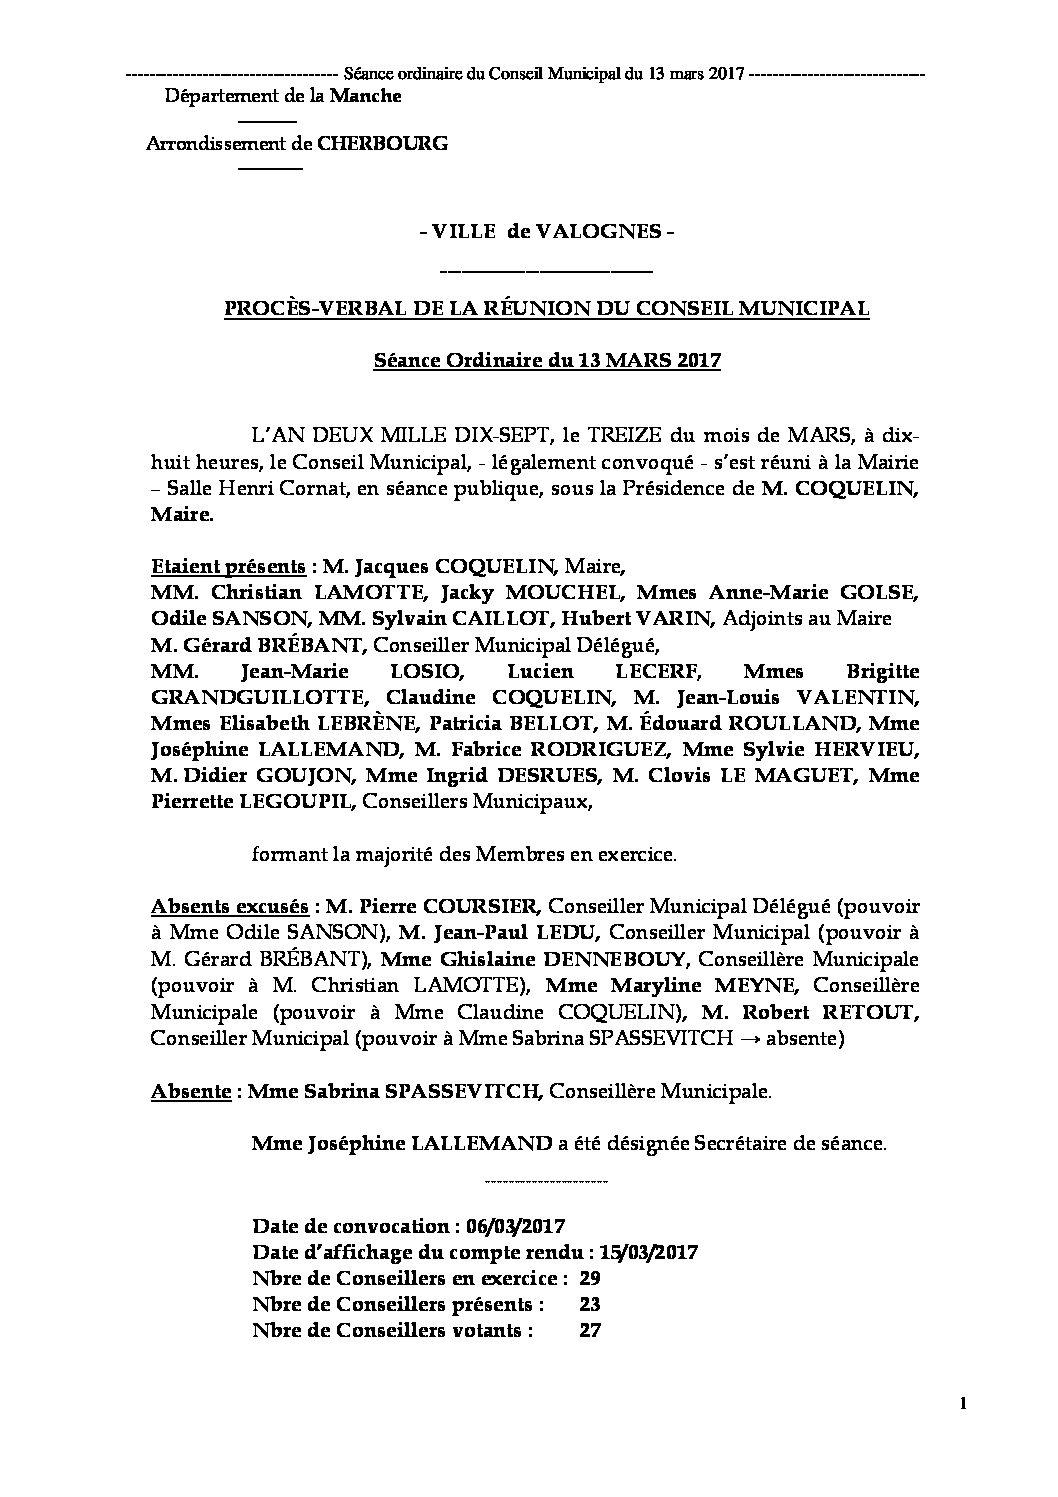 Procès-verbal du 13-03-2017 - Procès-verbal de la réunion du Conseil Municipal du 13 mars 2017, approuvé lors de la séance du 19 juin 2017.